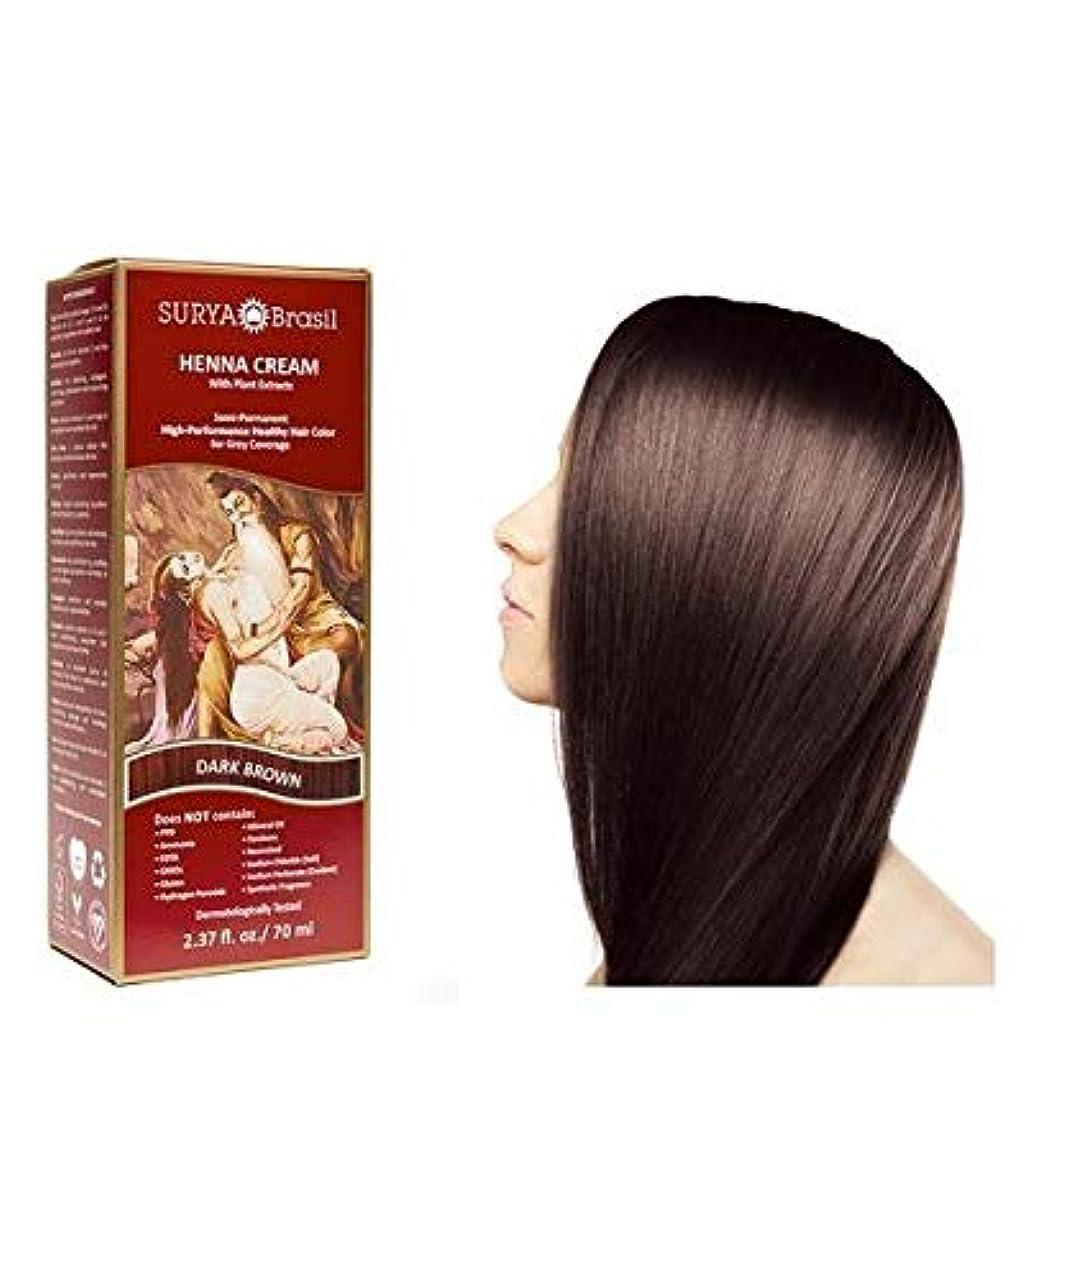 変わるラッドヤードキップリングオーバーランSurya Henna Henna Cream High-Performance Healthy Hair Color for Grey Coverage Dark Brown 2 37 fl oz 70 ml